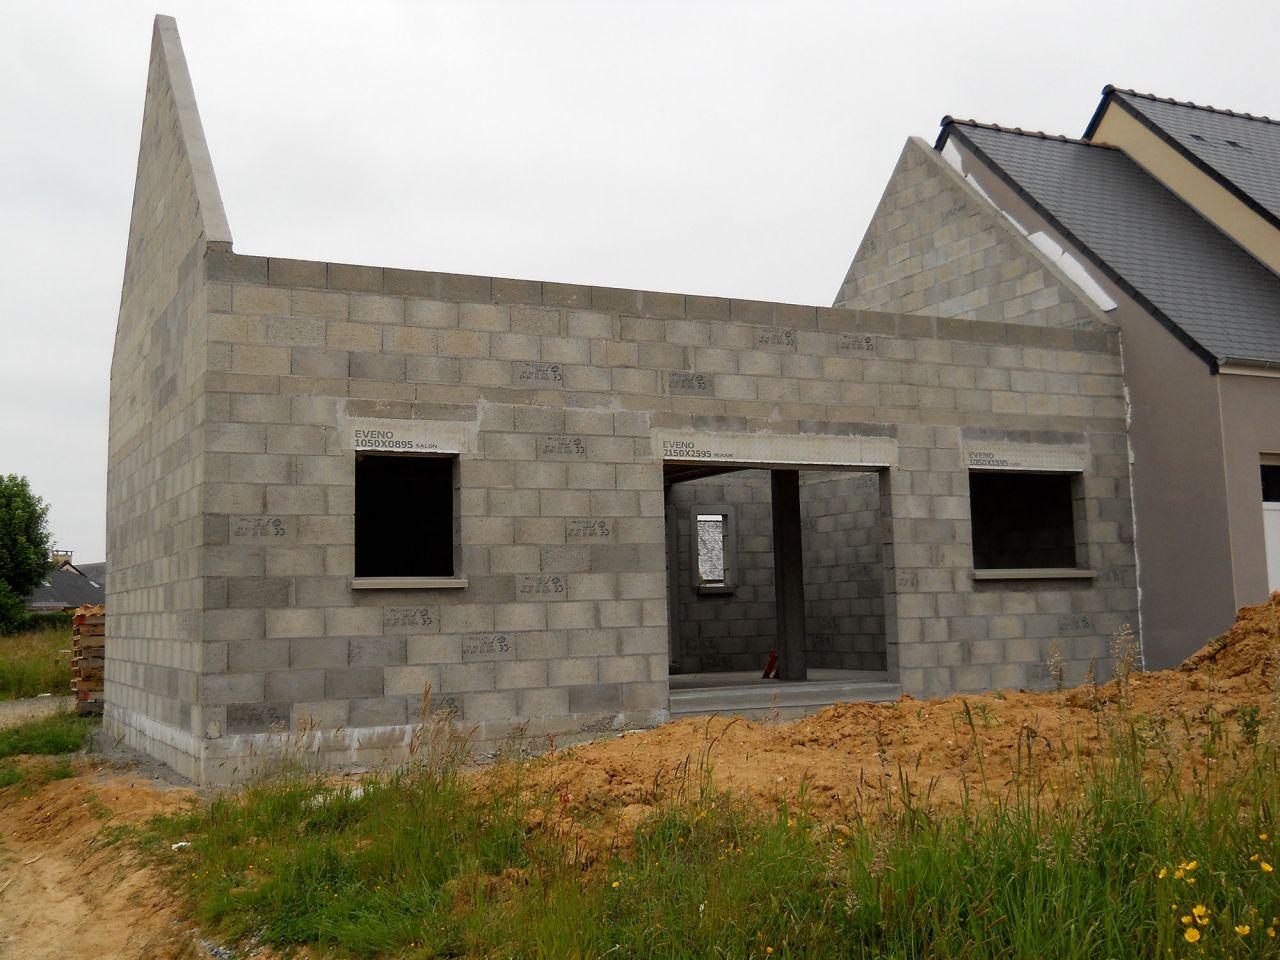 Élévation des murs et de l'étage terminé. Vue depuis le côté jardin.